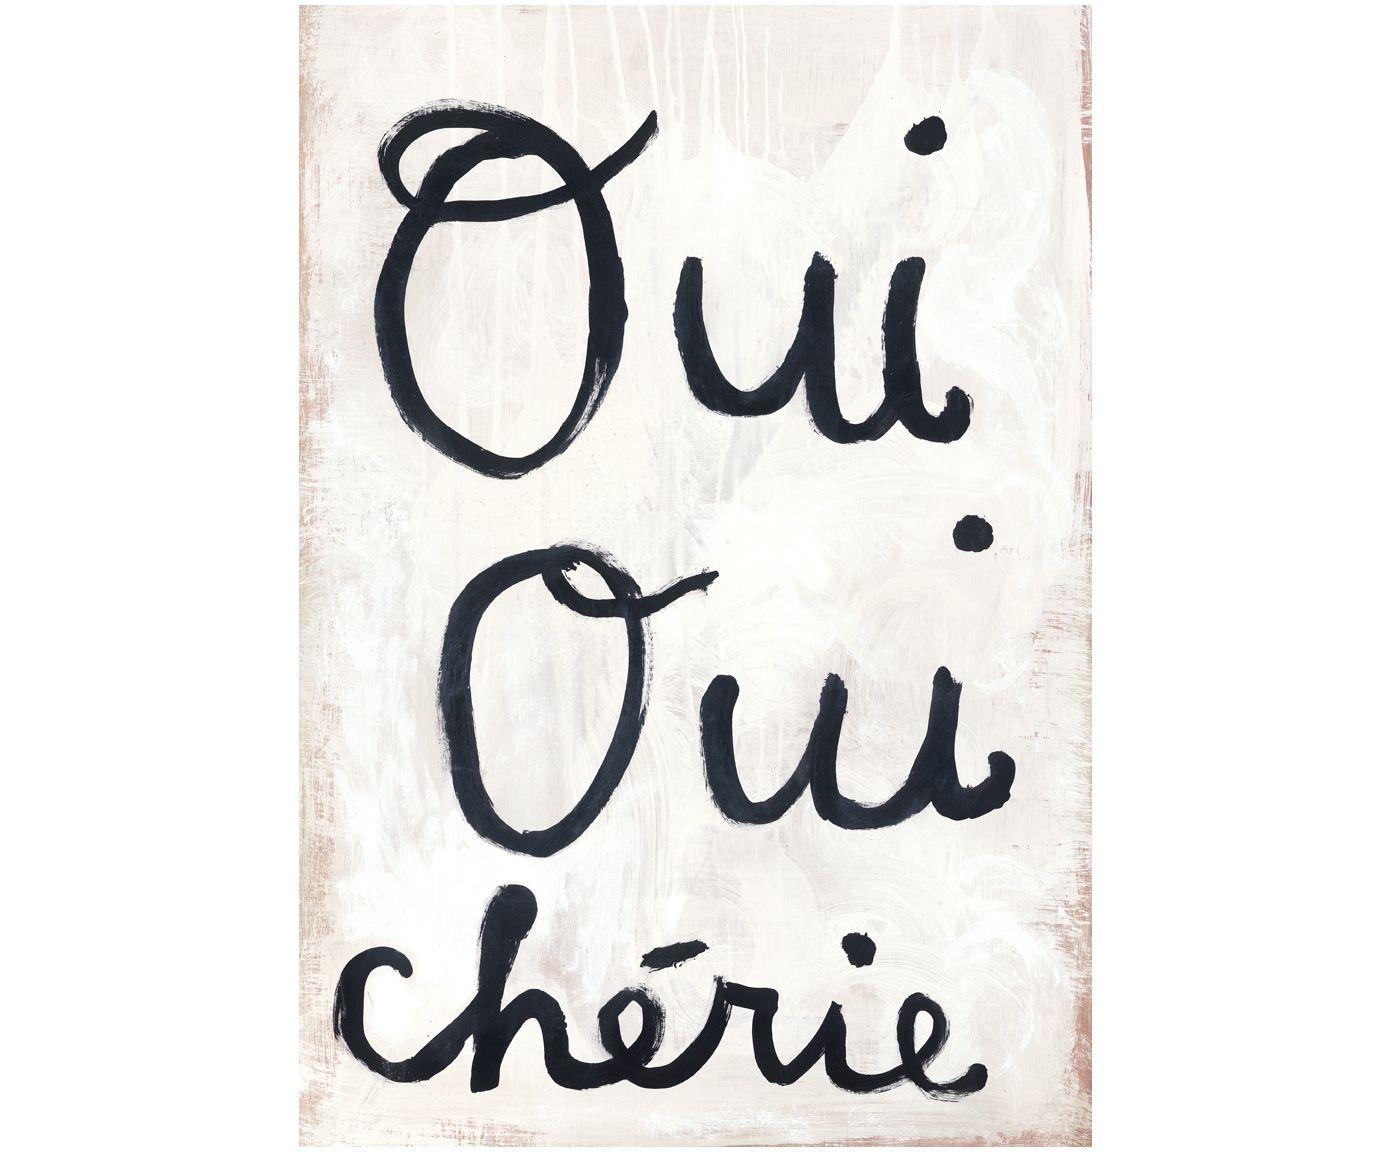 """Hängen Sie Ihre Inspiration nicht an den Nagel - sondern an die Wand! Ihr Herz schlägt für Frankreich? Der gerahmte Digitaldruck auf Leinwand OUI OUI gibt Ihnen mit dem Spruch """"Oui Oui chérie"""" eine kleine Nachhilfestunde in Sachen Französisch. Sugarboo verpasst Ihren Wänden mit dem Bild OUI OUI einen neuen Anstrich."""